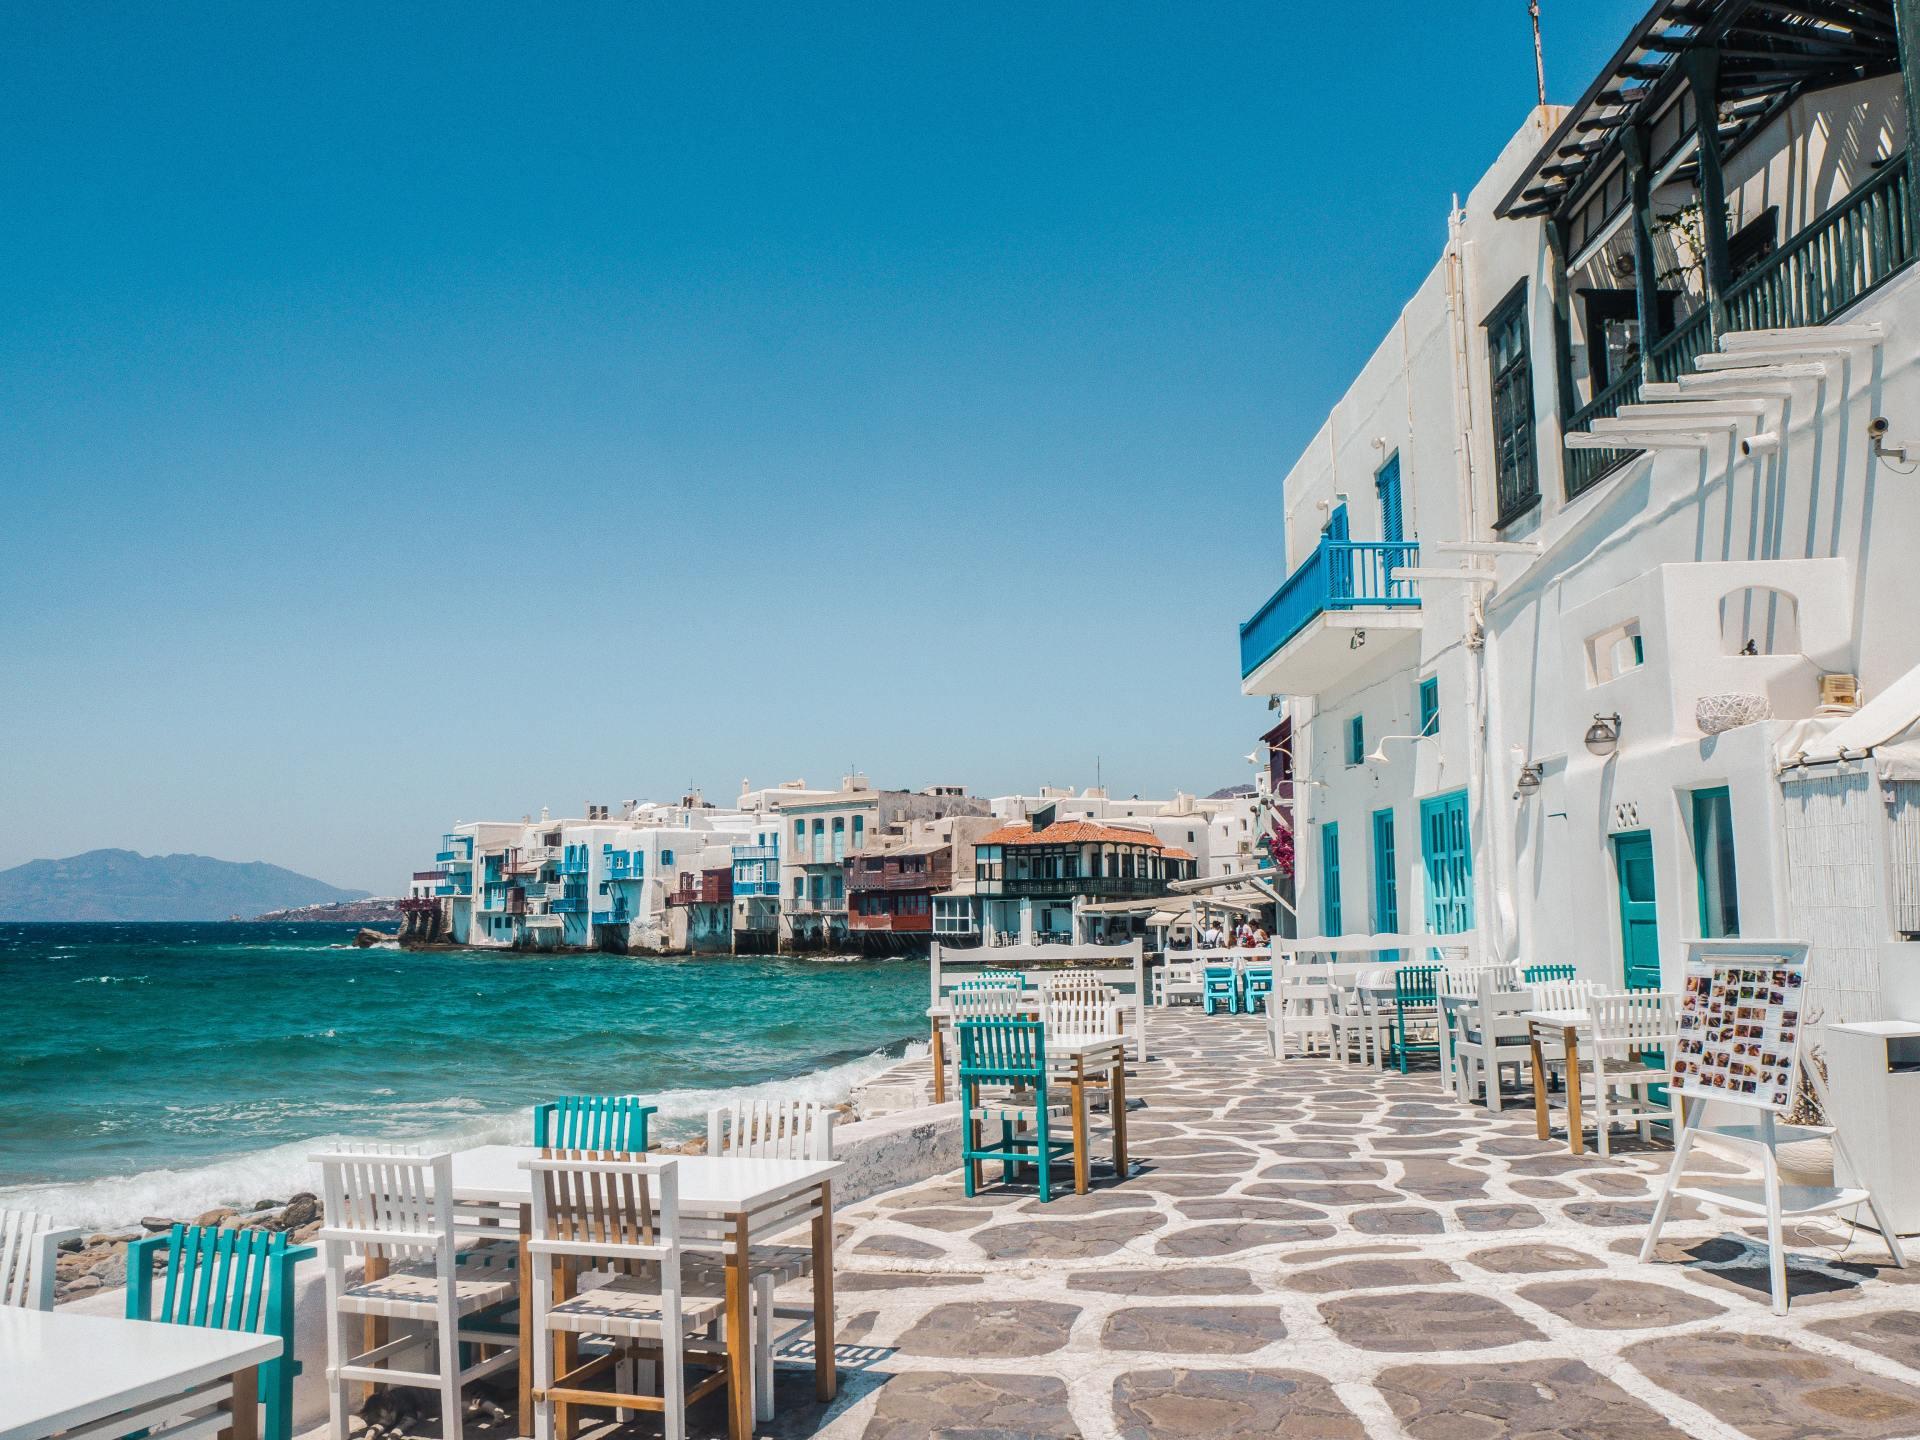 Prachtig uitzicht over zee op een gezellig Grieks terras